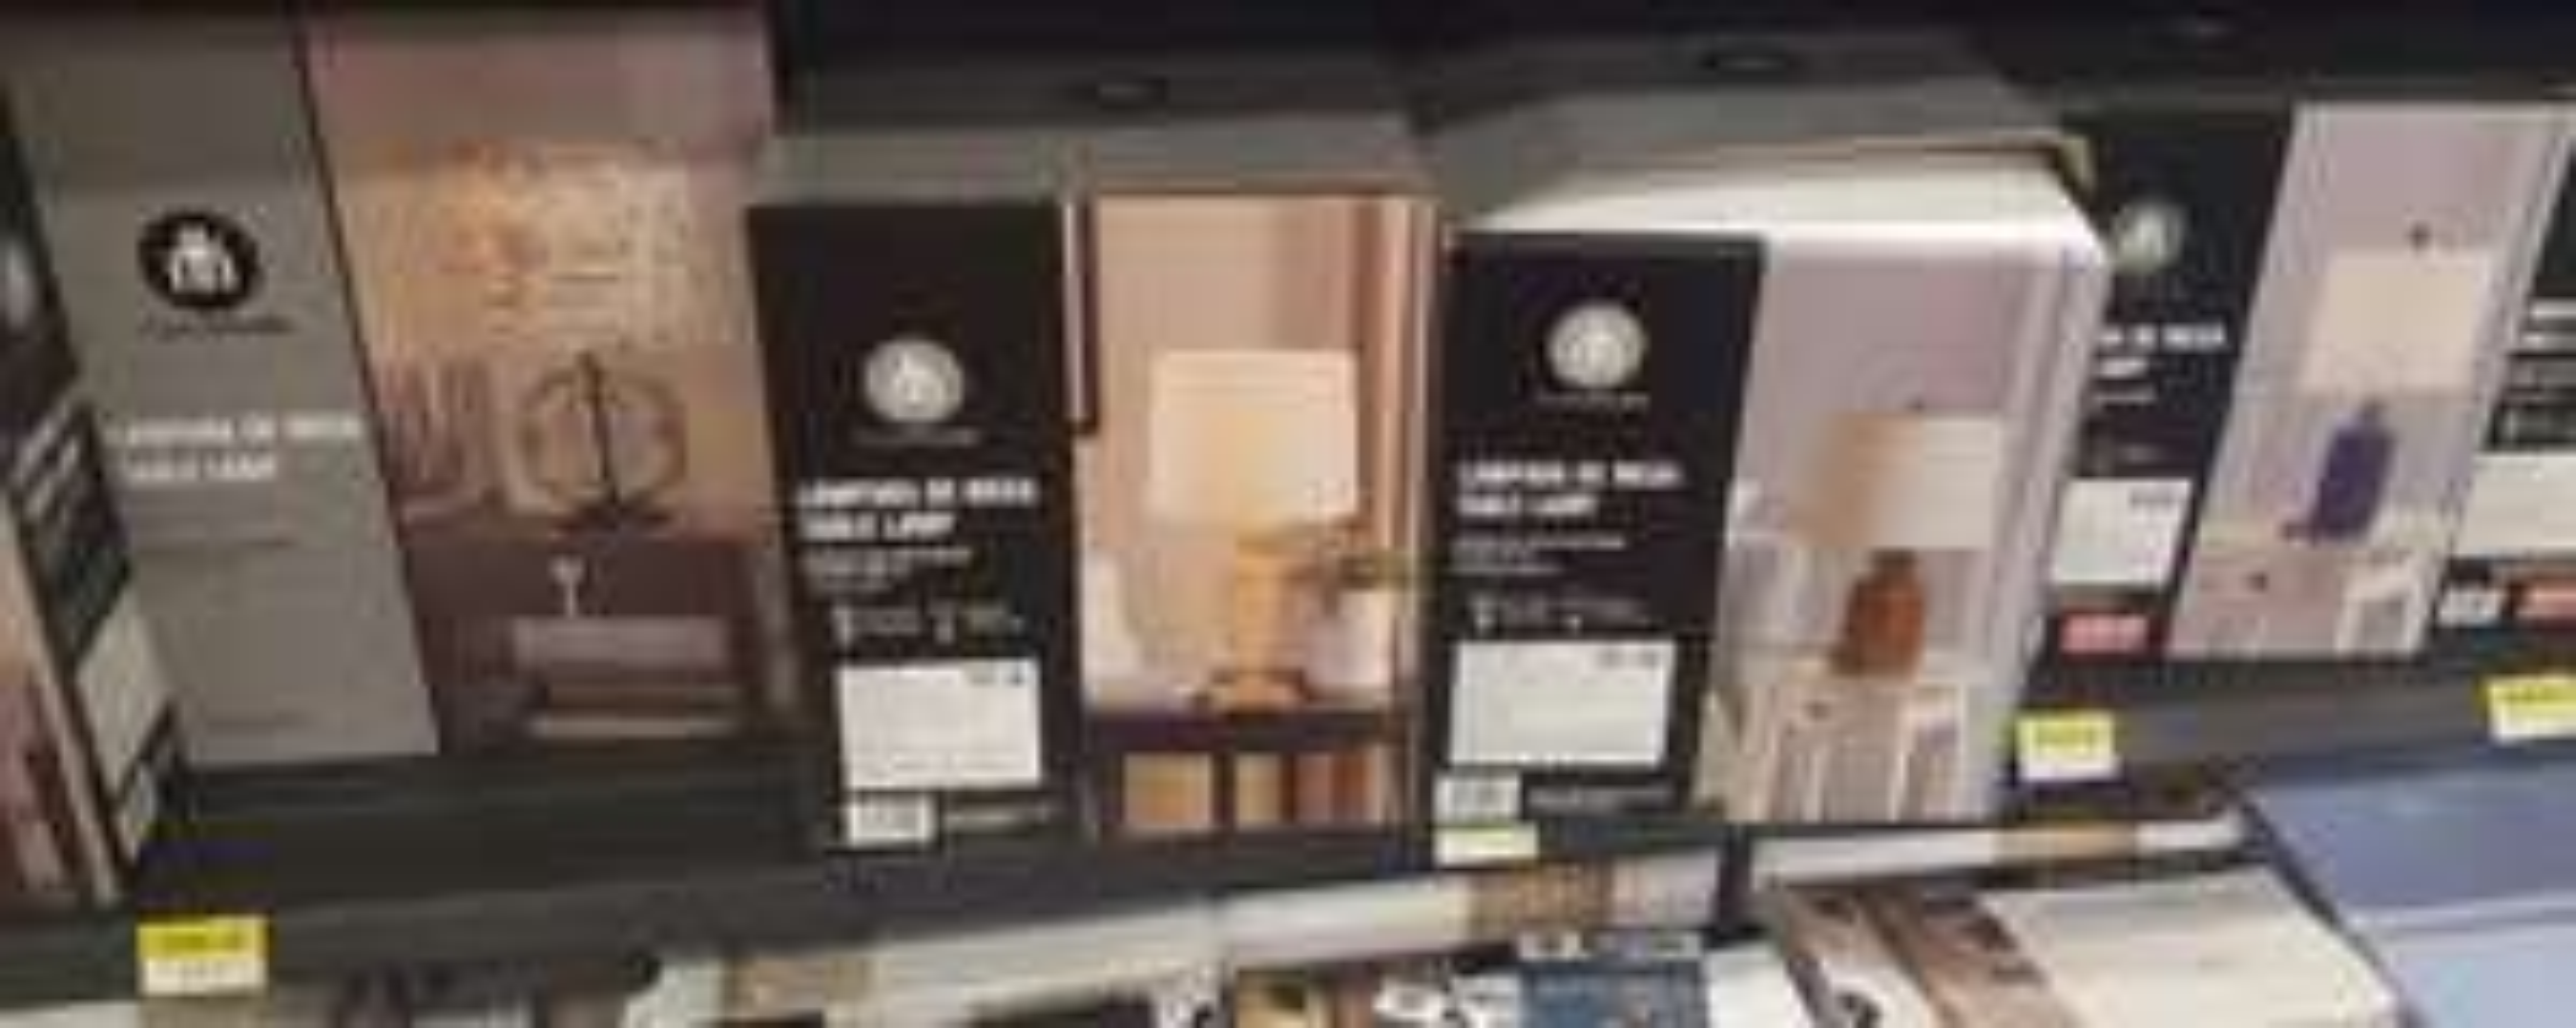 Walmart: Lamparas de Mesa Varias 82.01 y 126.01